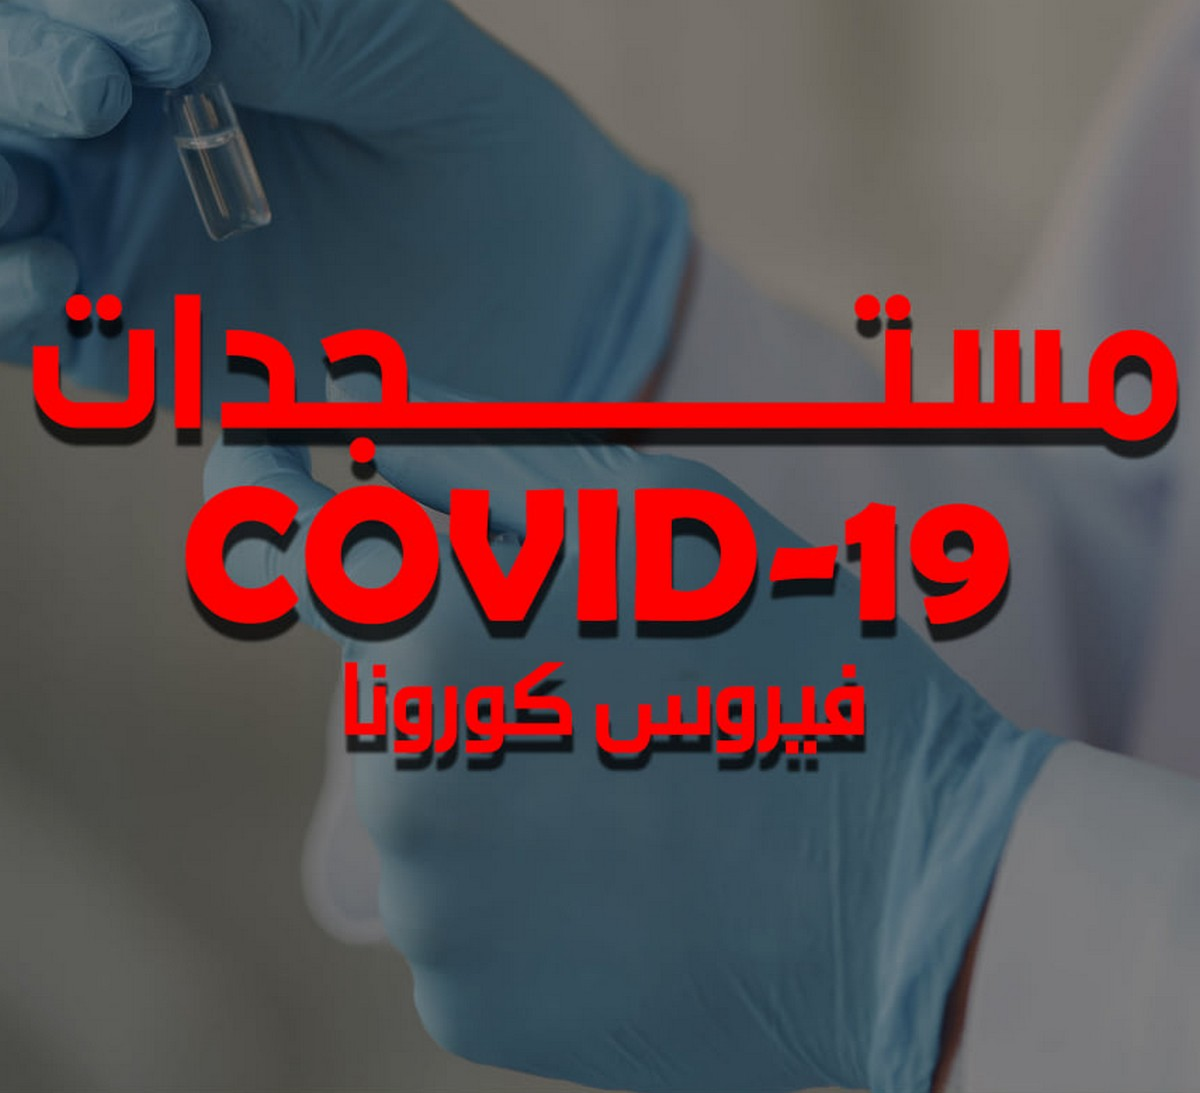 35 حالة وفاة و1419 إصابة جديدة بكورونا في تونس